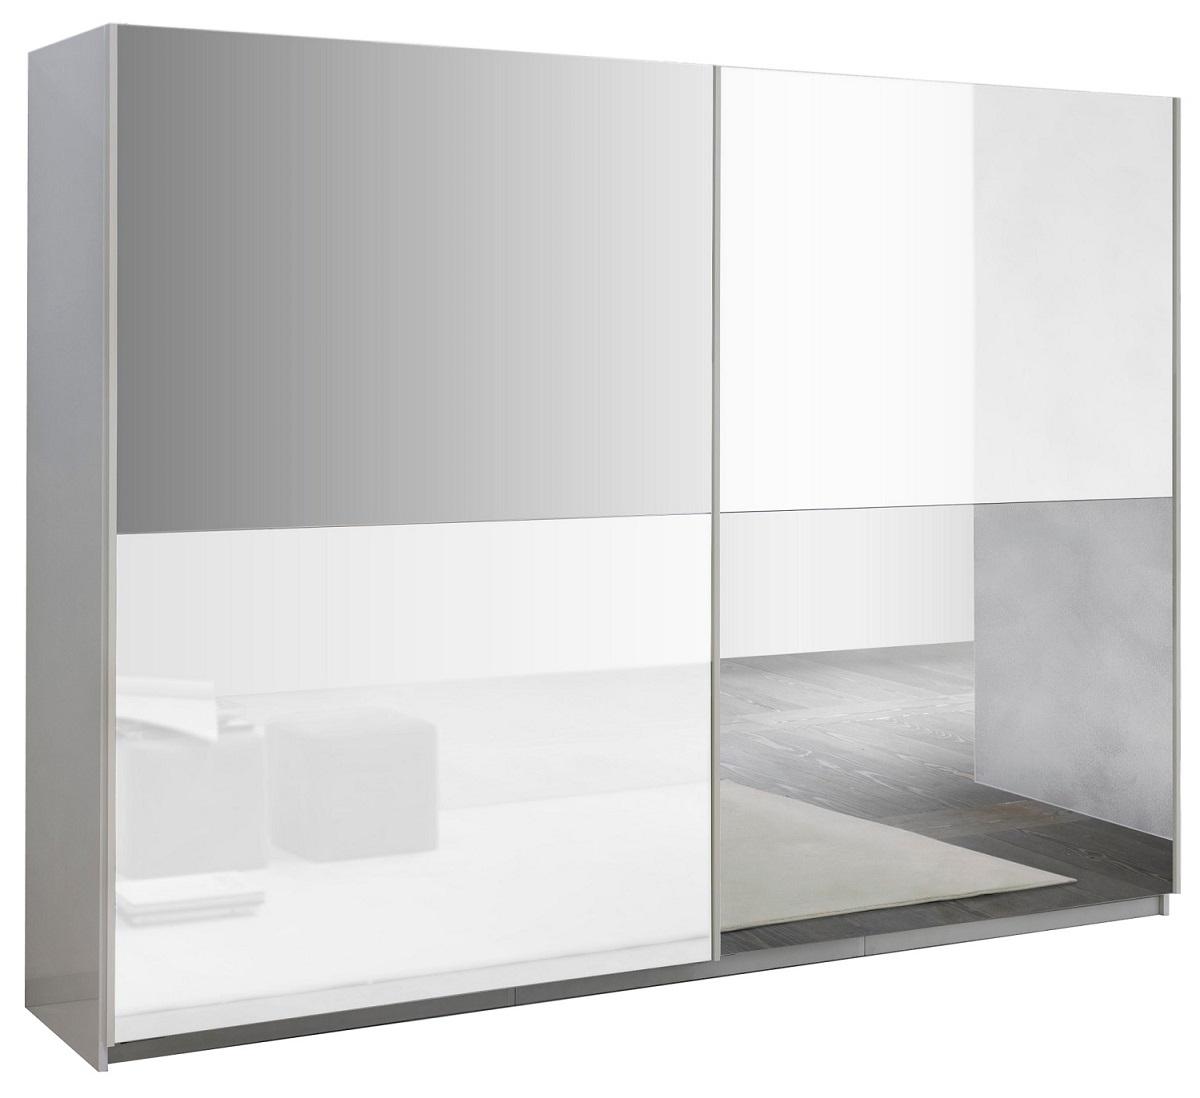 slaapkamerkast zweefdeurkast Kenzo 263 cm breed  Hoogglans wit met spiegel